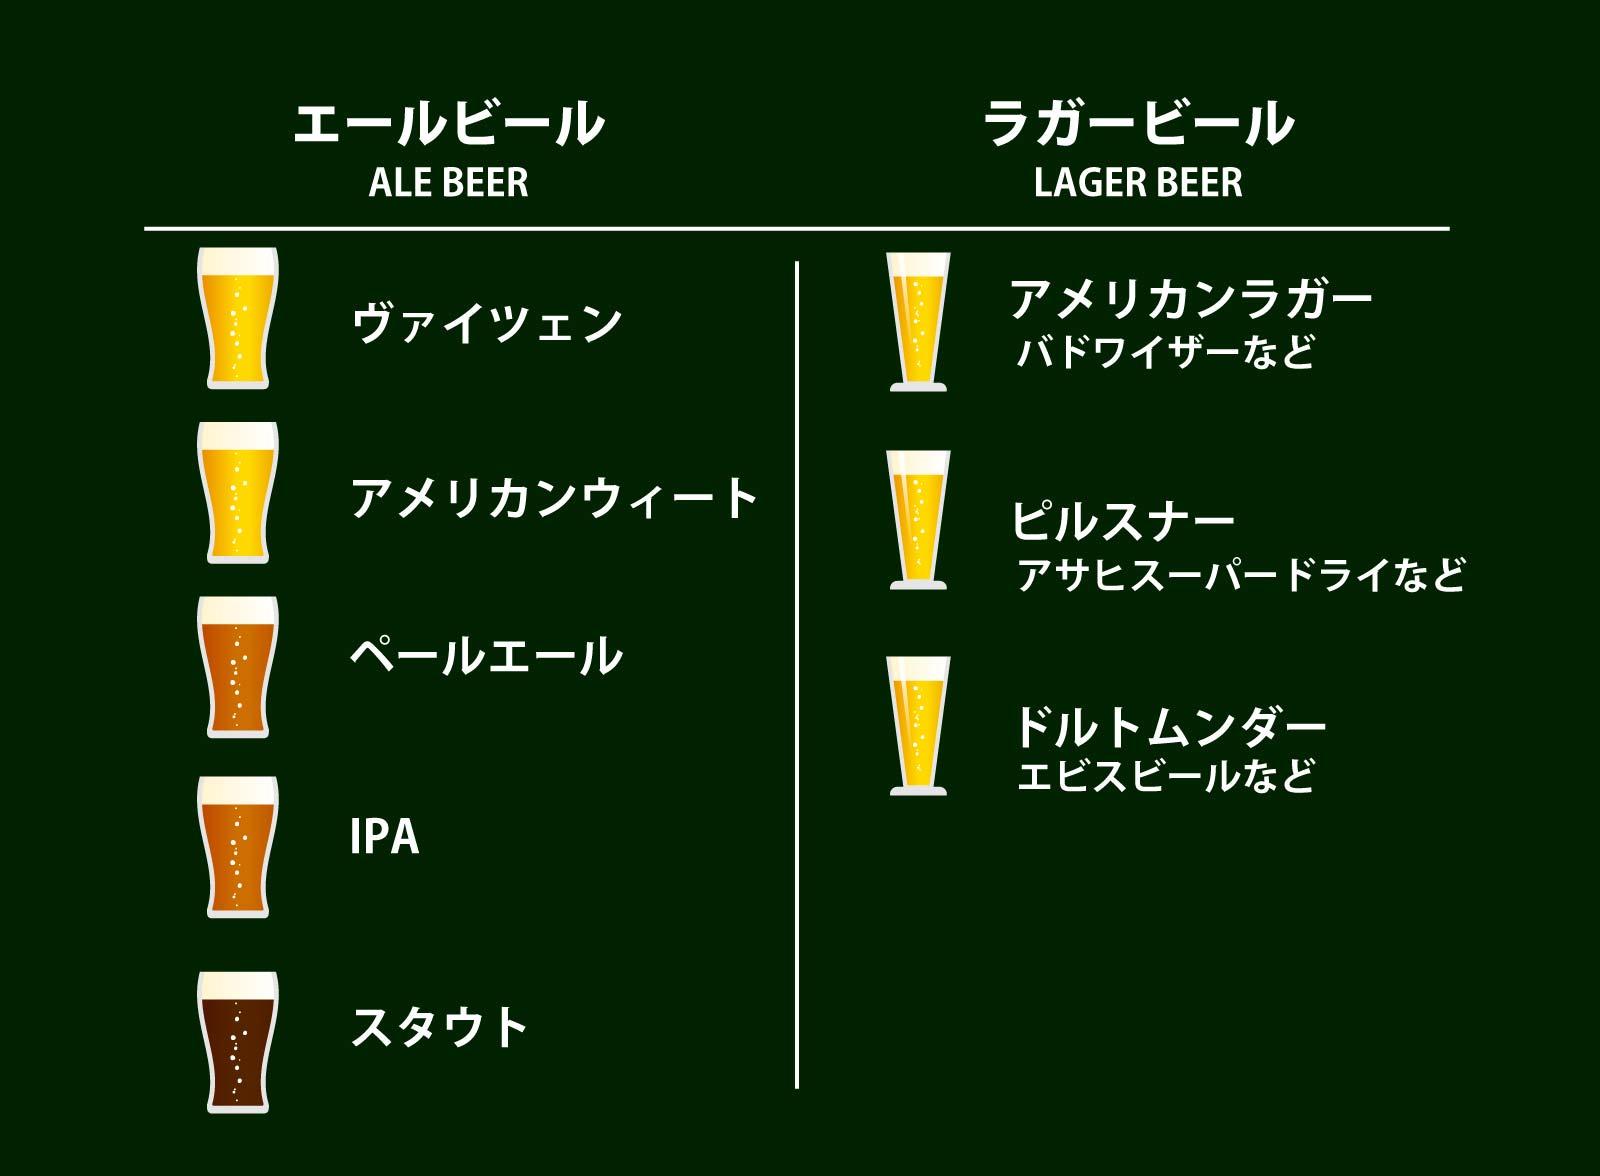 エールビールとラガービールの種類紹介